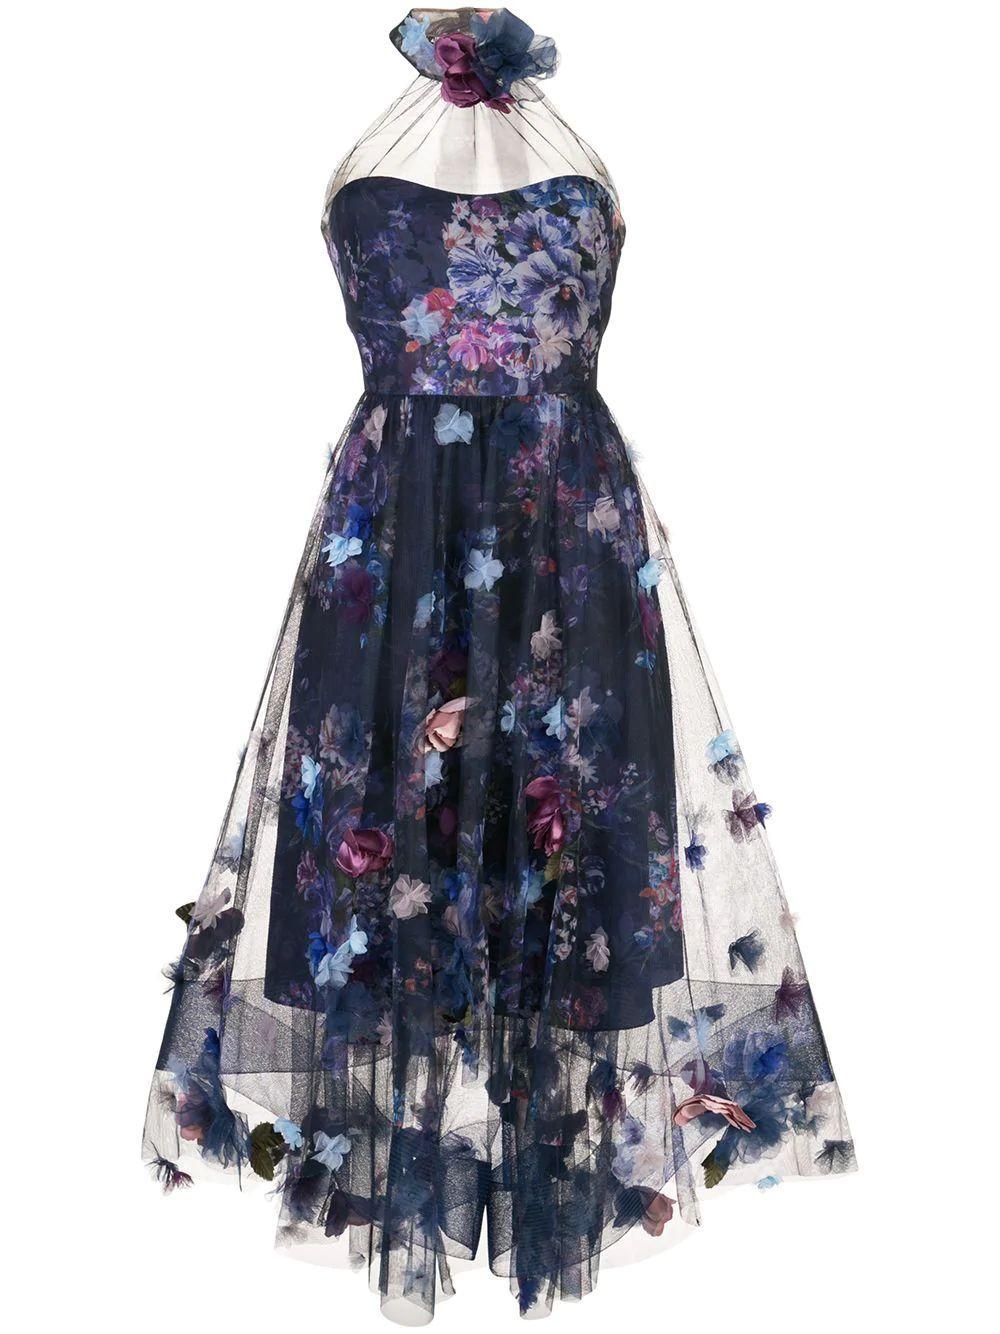 Printed Tulle Tea Length Gown Item # N40M1981